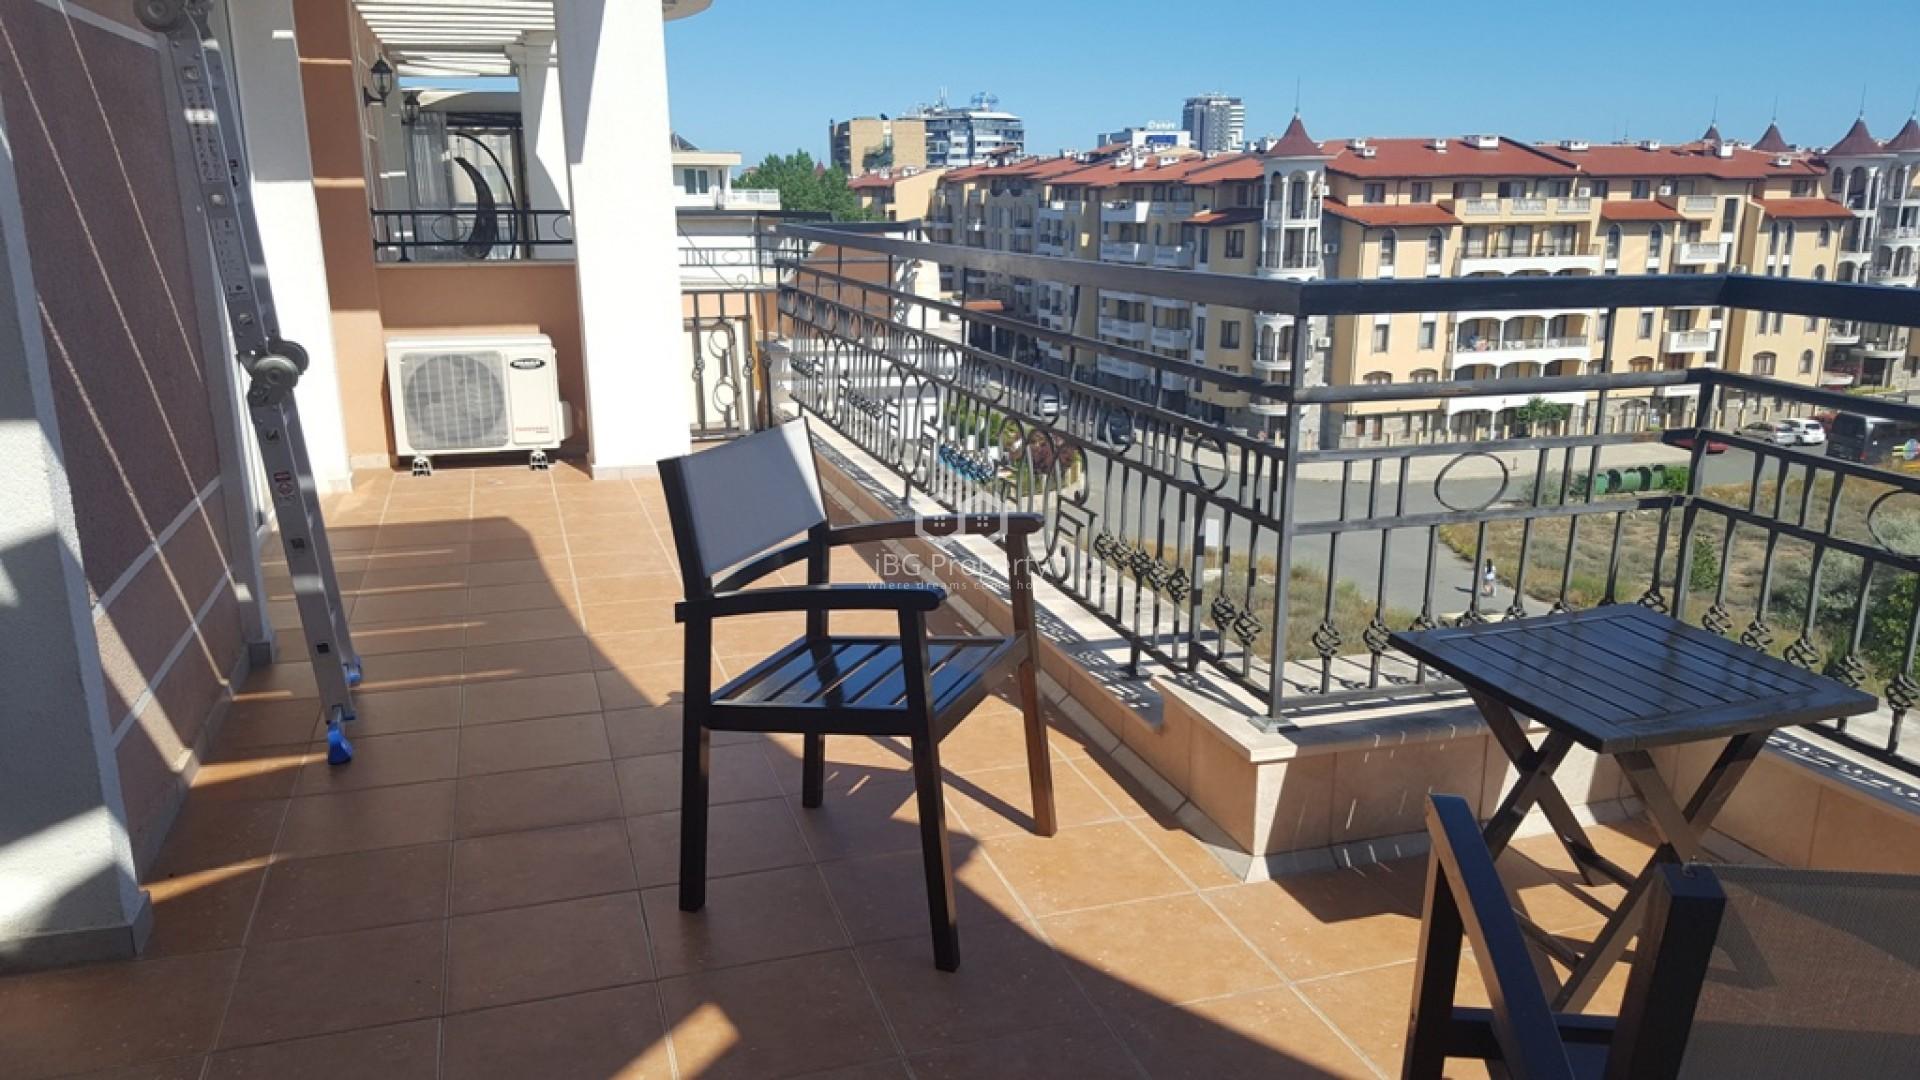 Dreizimmerwohnung in Sonnenstrand 127 m2